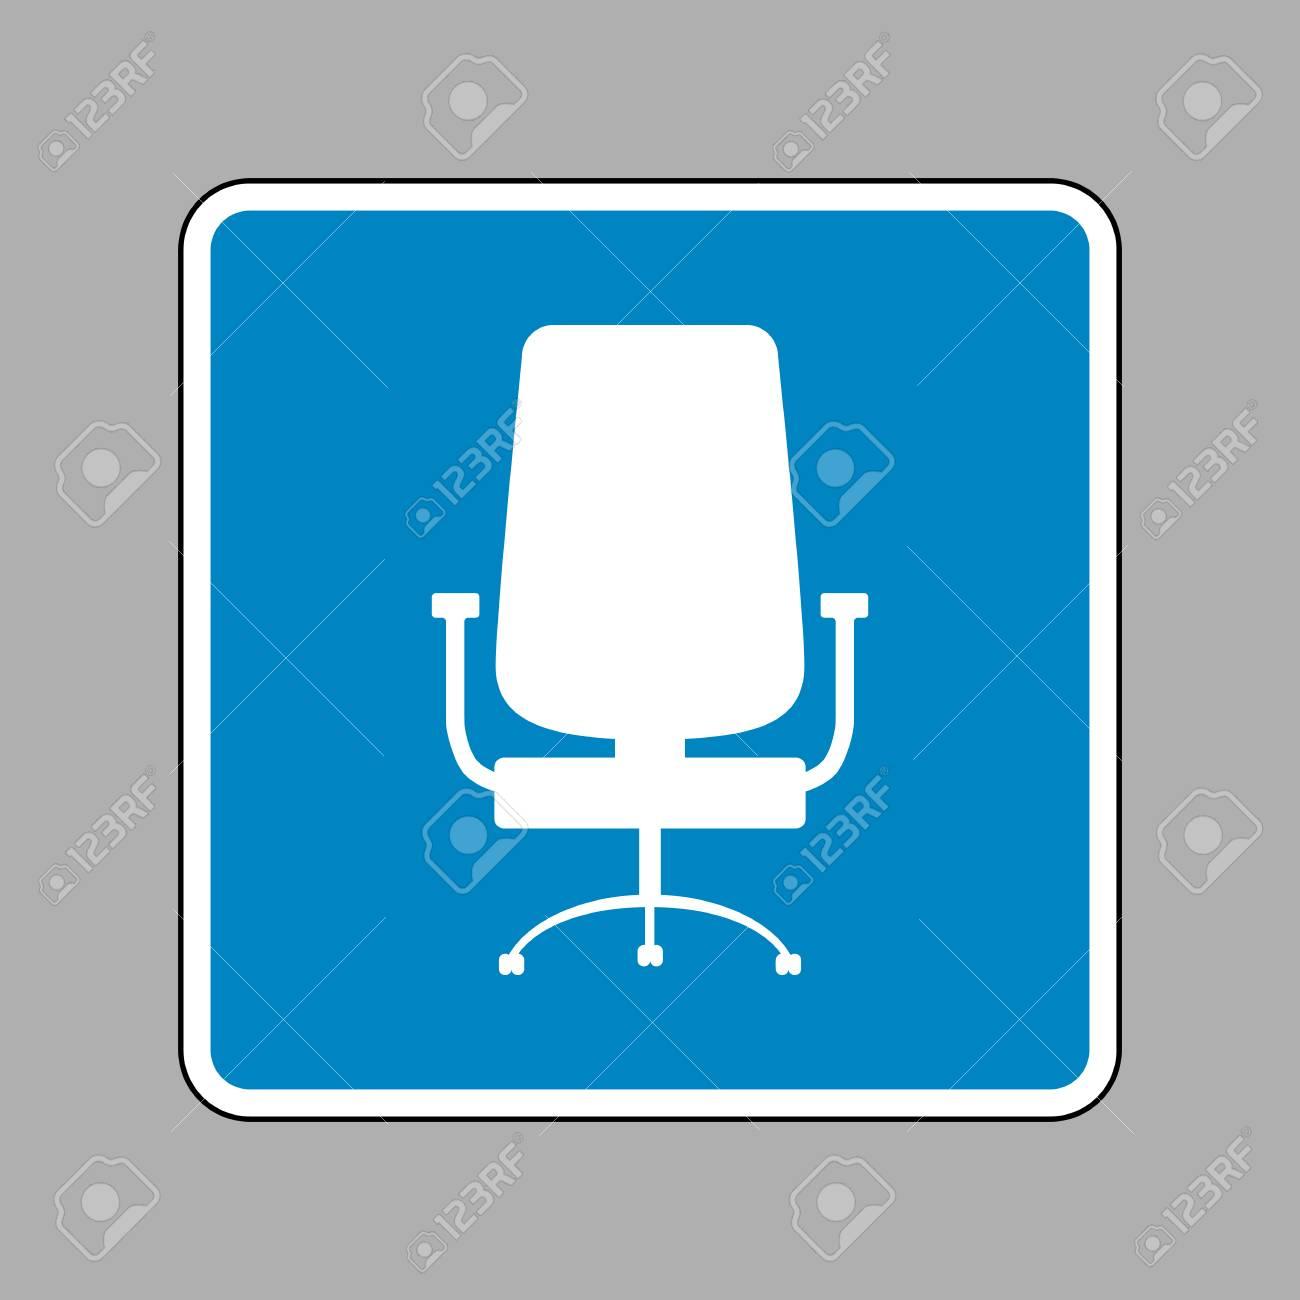 De BureauIcône Blanche Signe Plan Sur Le Comme Arrière Chaise Panneau Bleu n0k8wOP